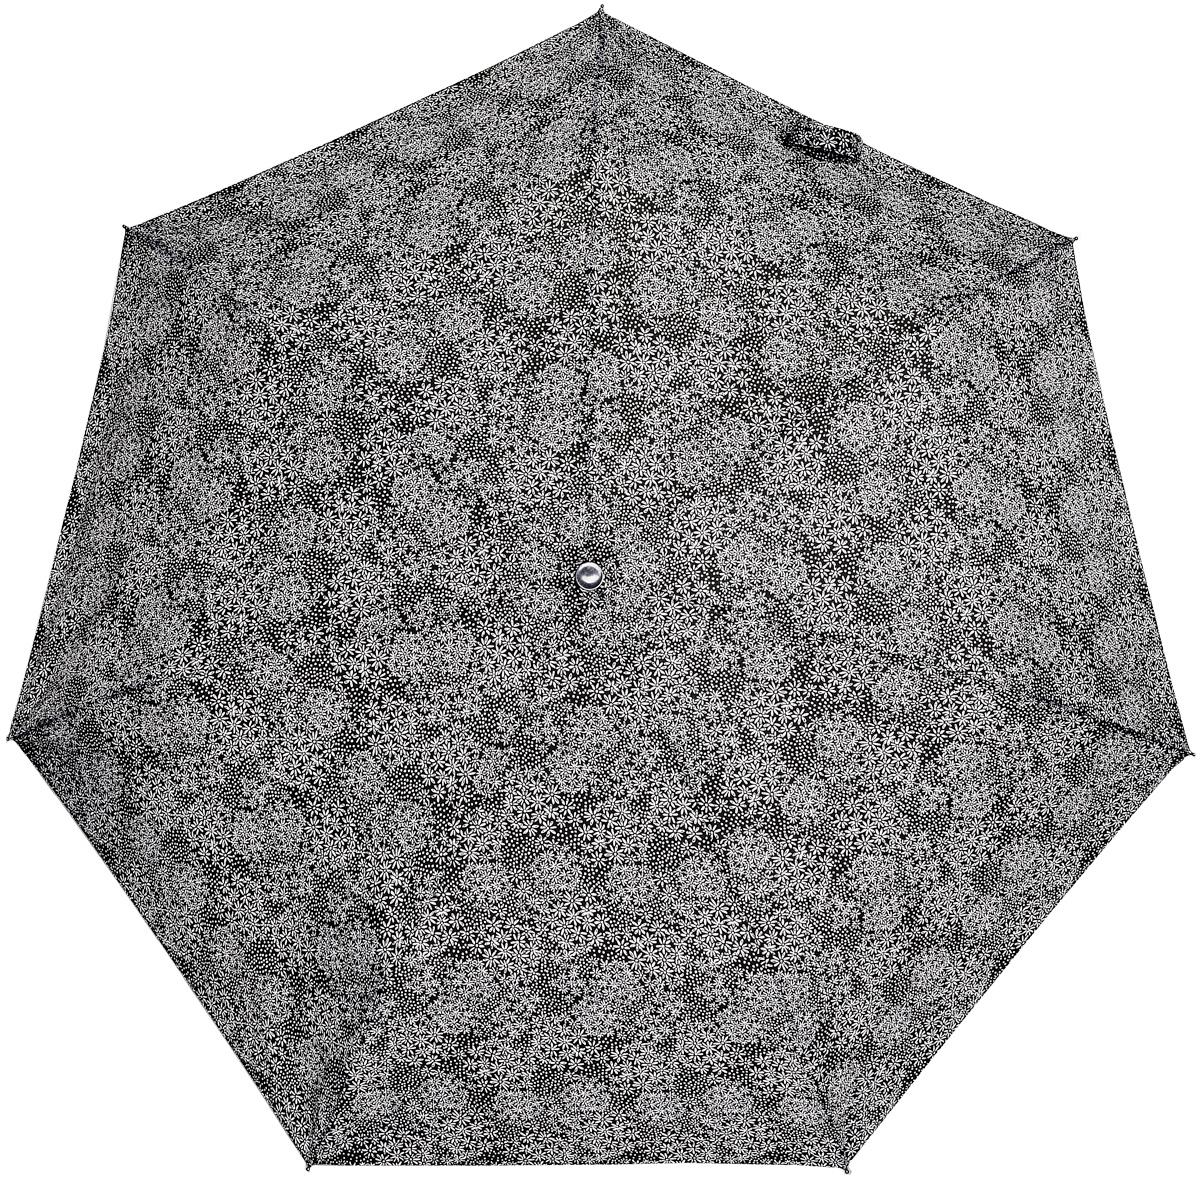 C-Collection 534-2 Зонт полный автом. 3 сл. жен.534-2Зонт испанского производителя Clima. В производстве зонтов используются современные материалы, что делает зонты легкими, но в то же время крепкими.Полный автомат, 3 сложения, 7 спиц, полиэстер.